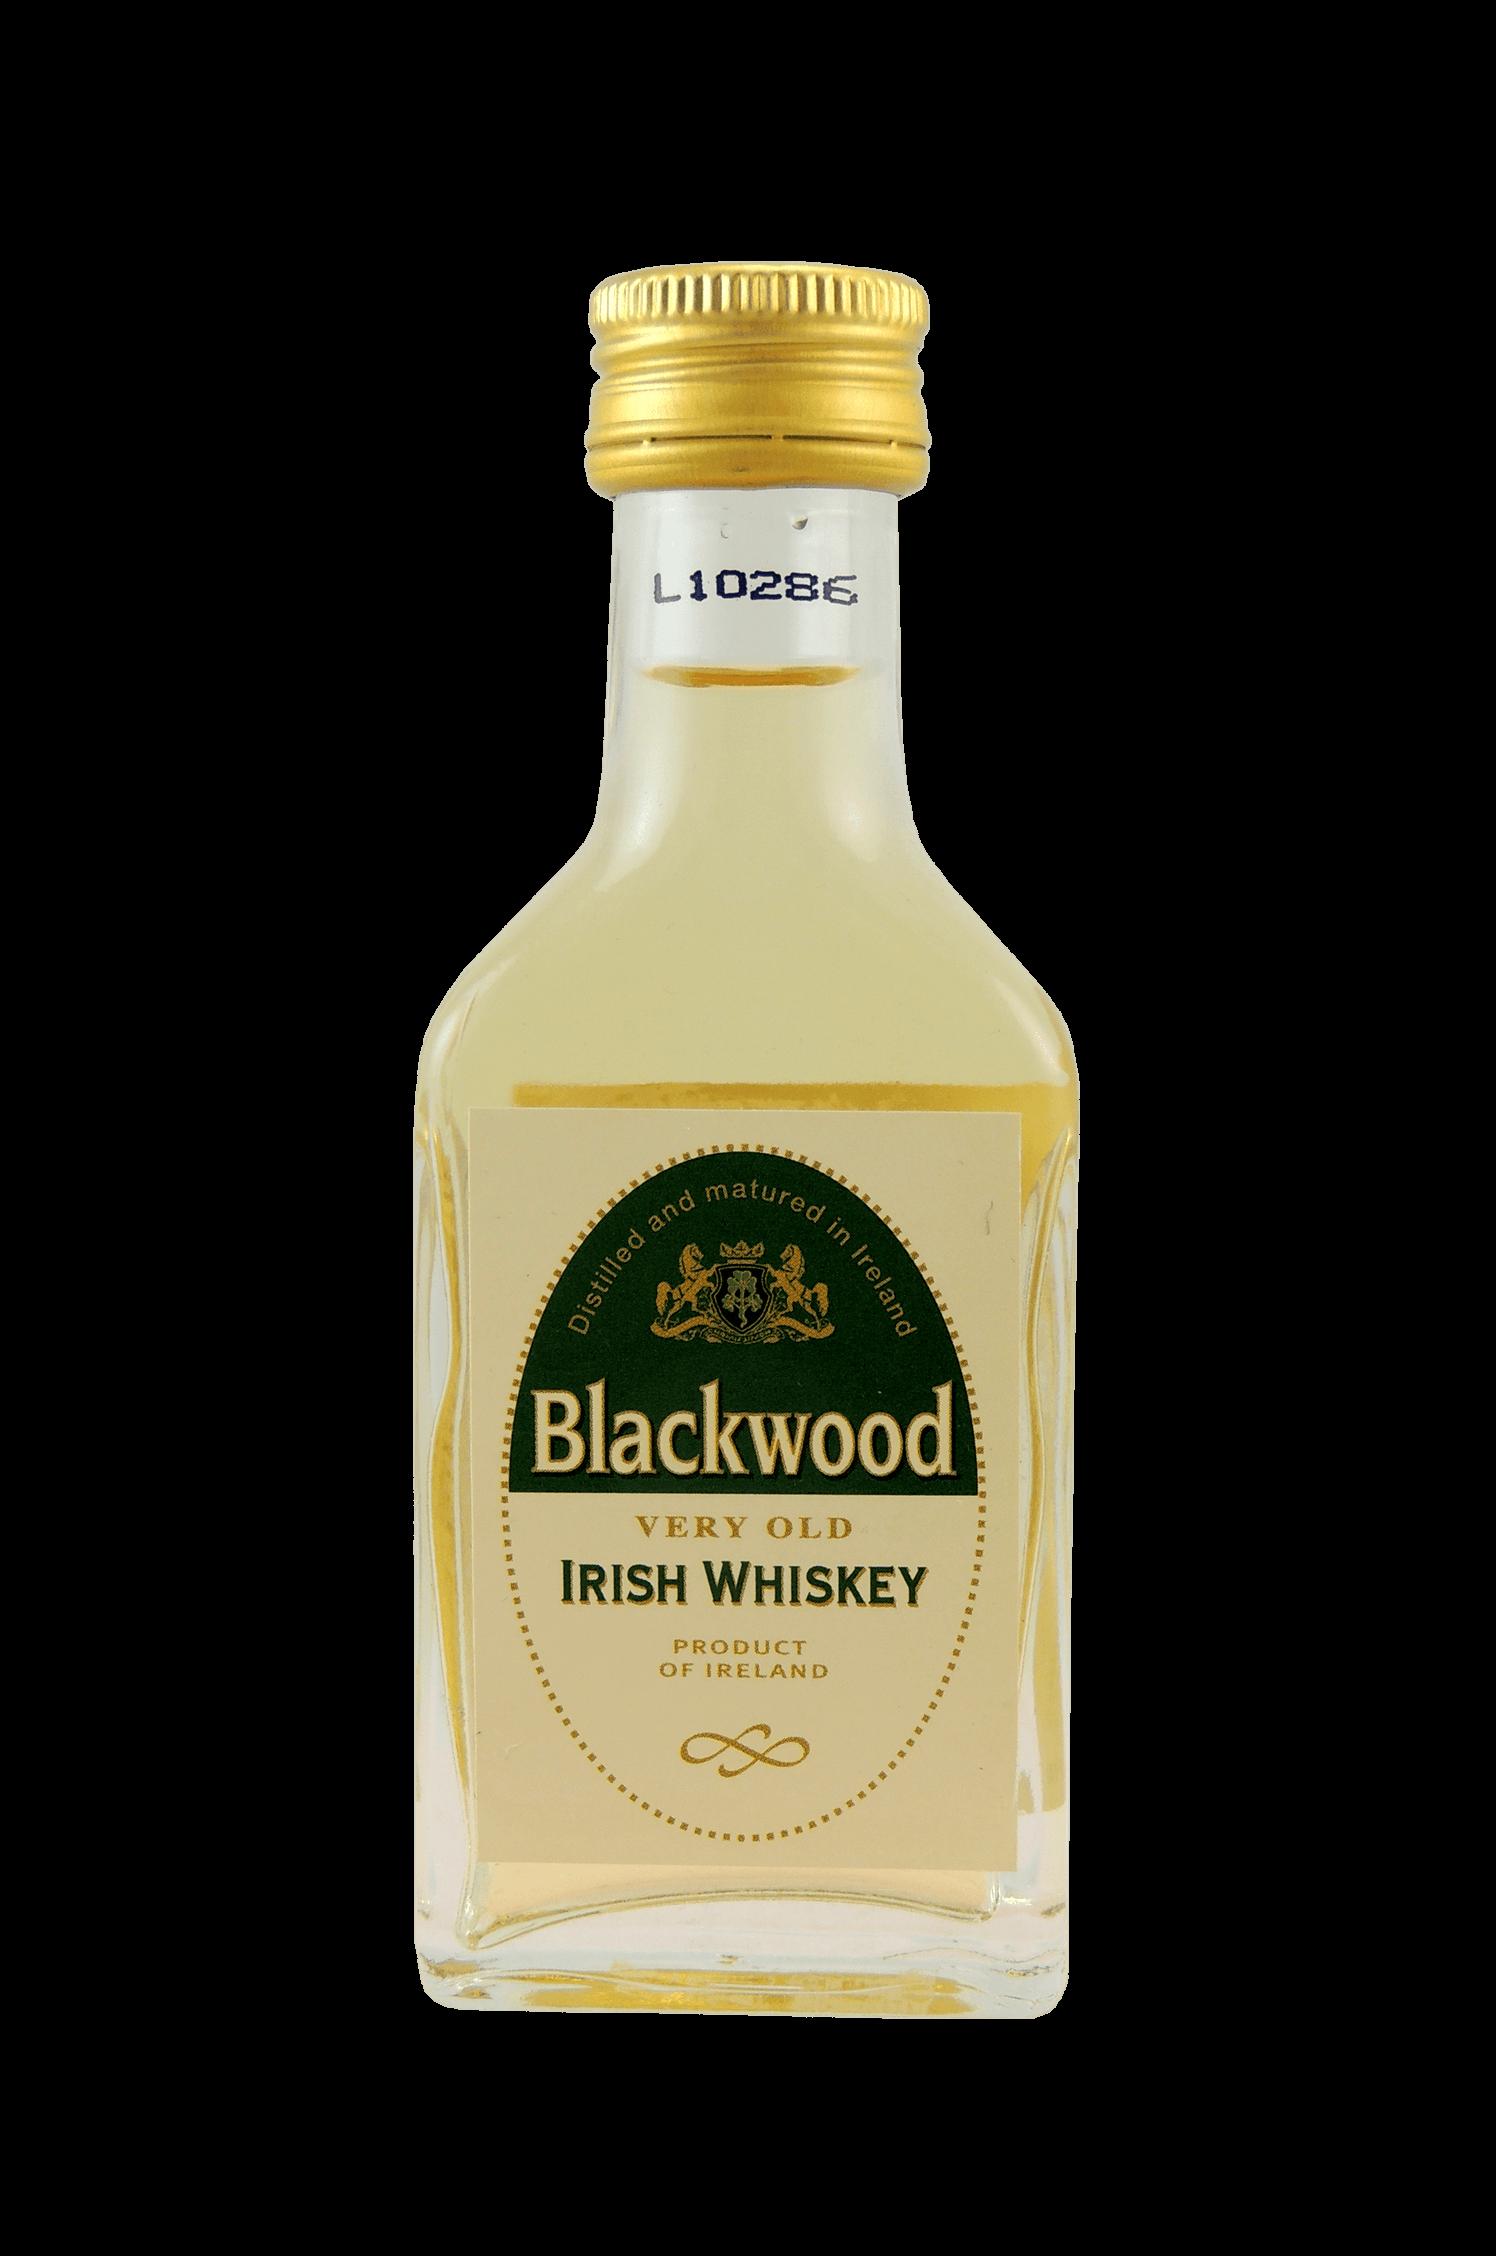 Blackwood Irish Whiskey